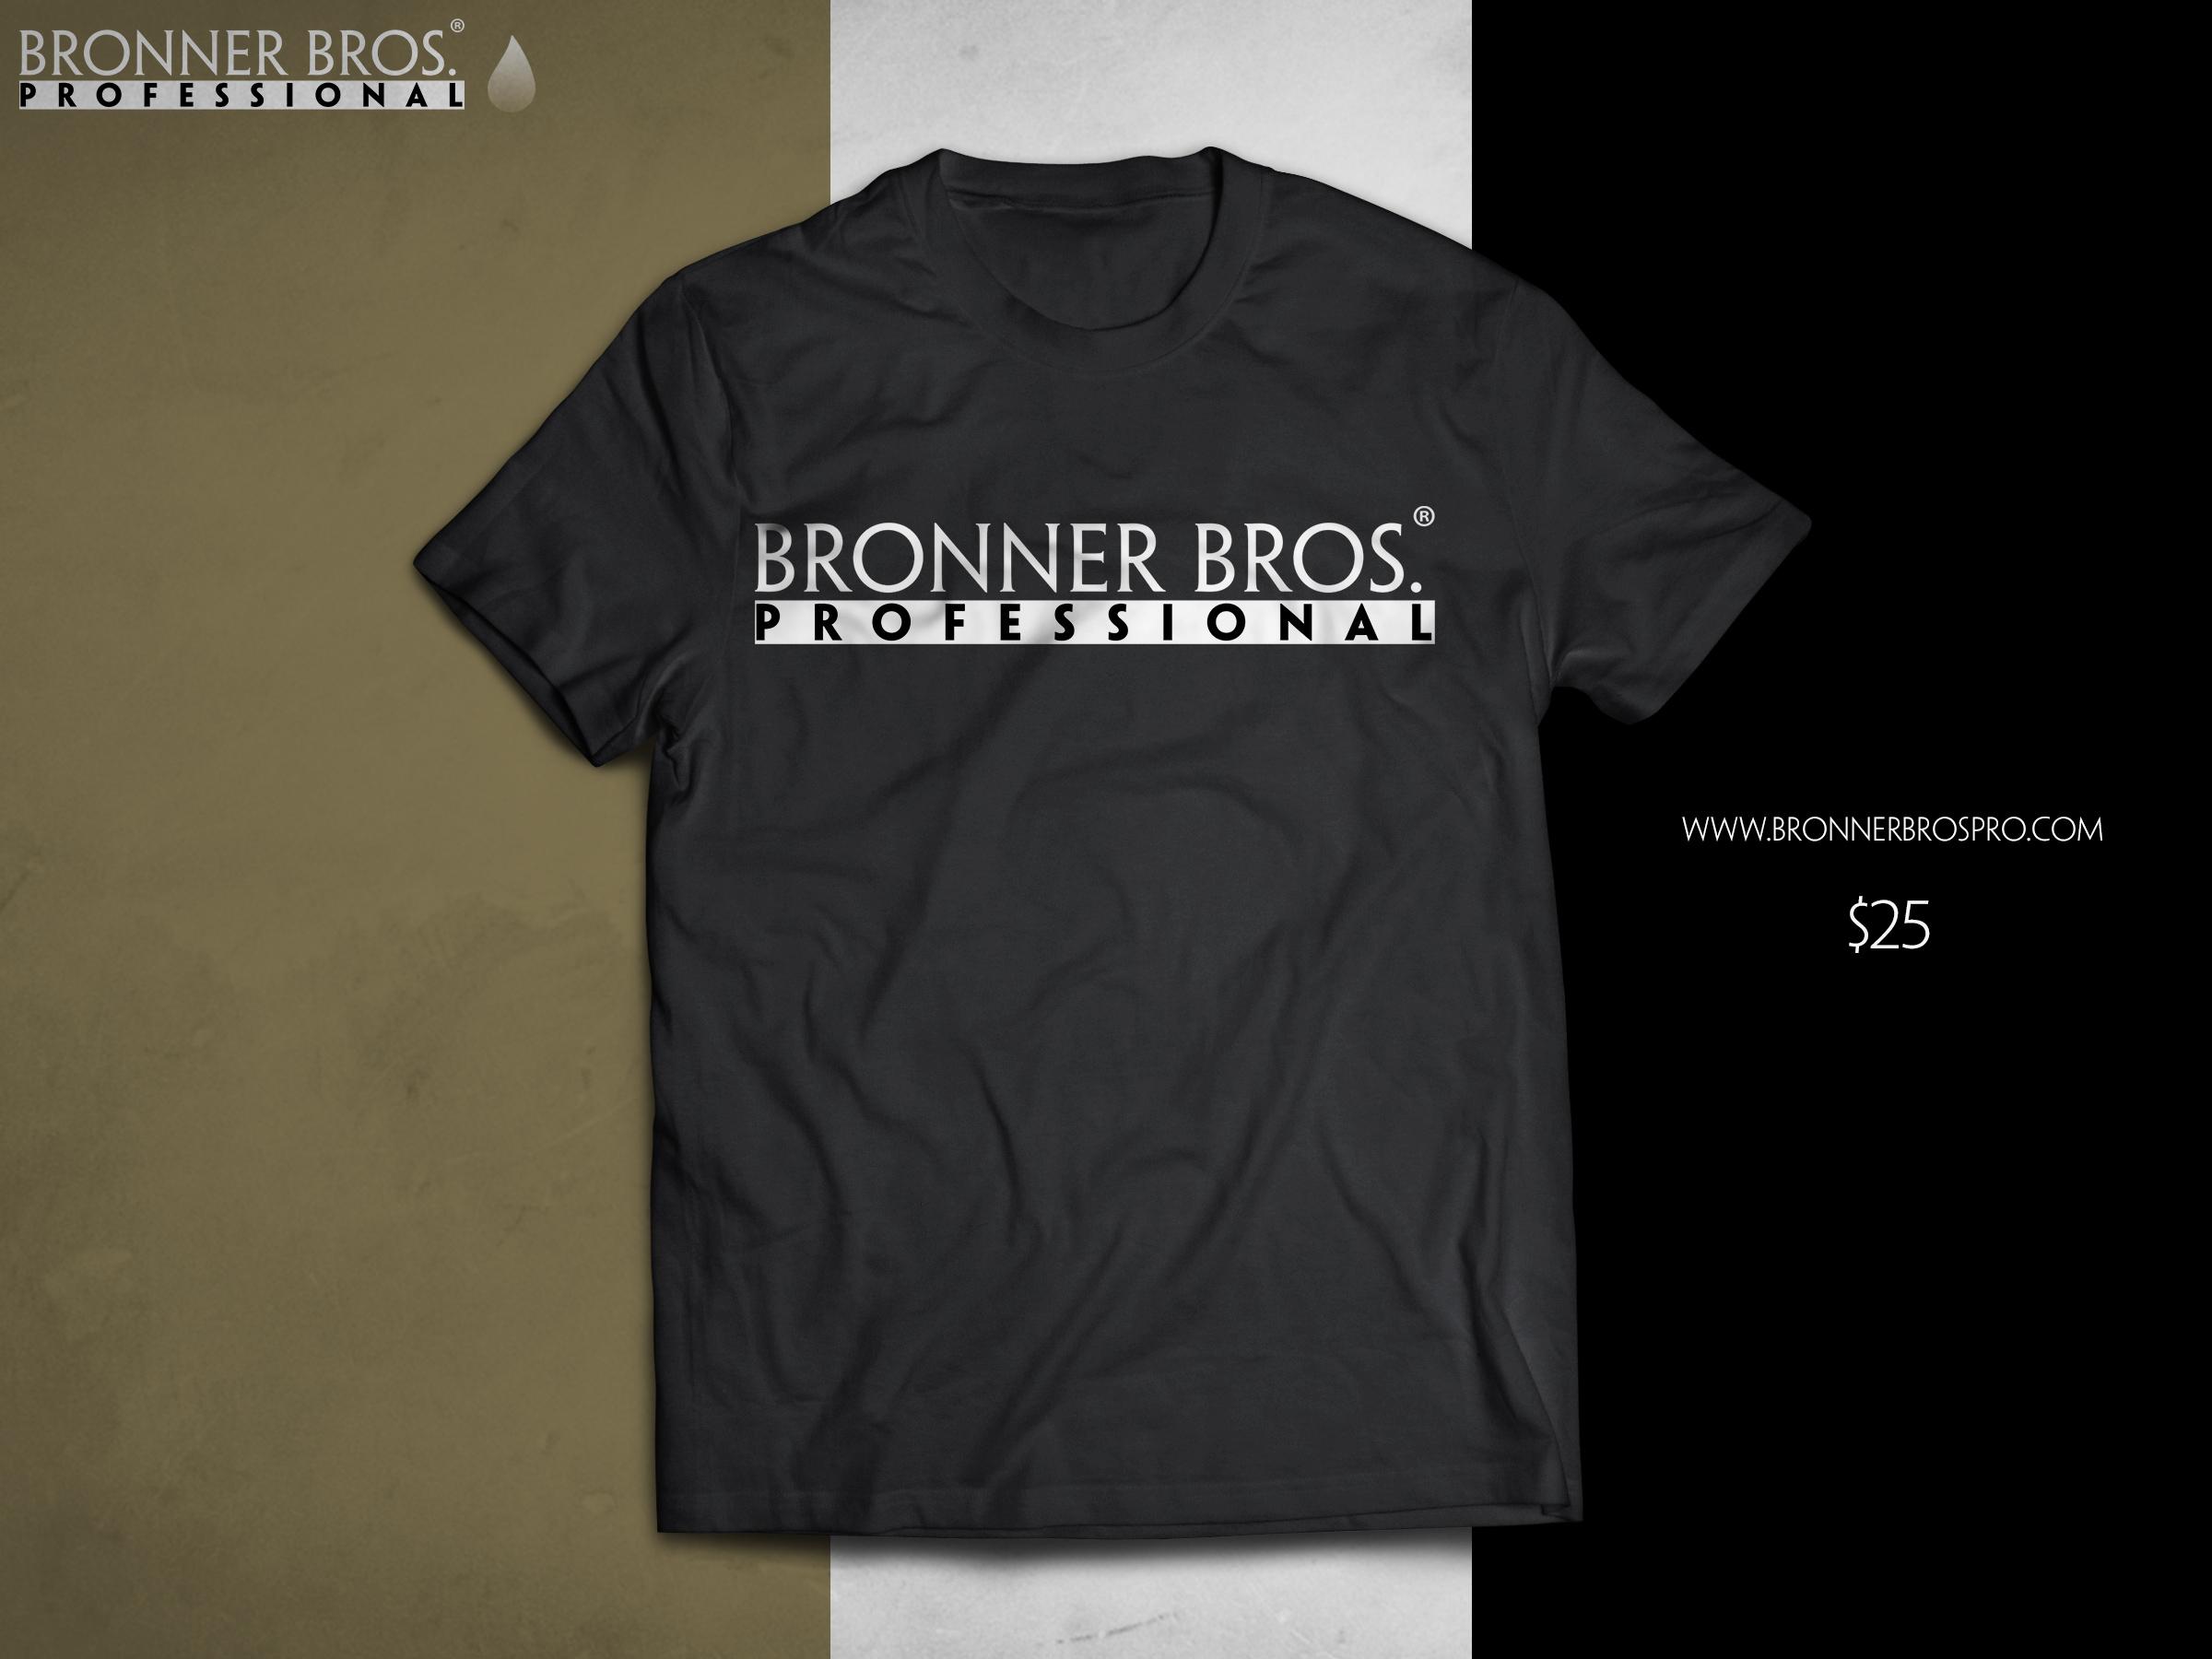 T-Shirt-MockUp_Front_1.jpg